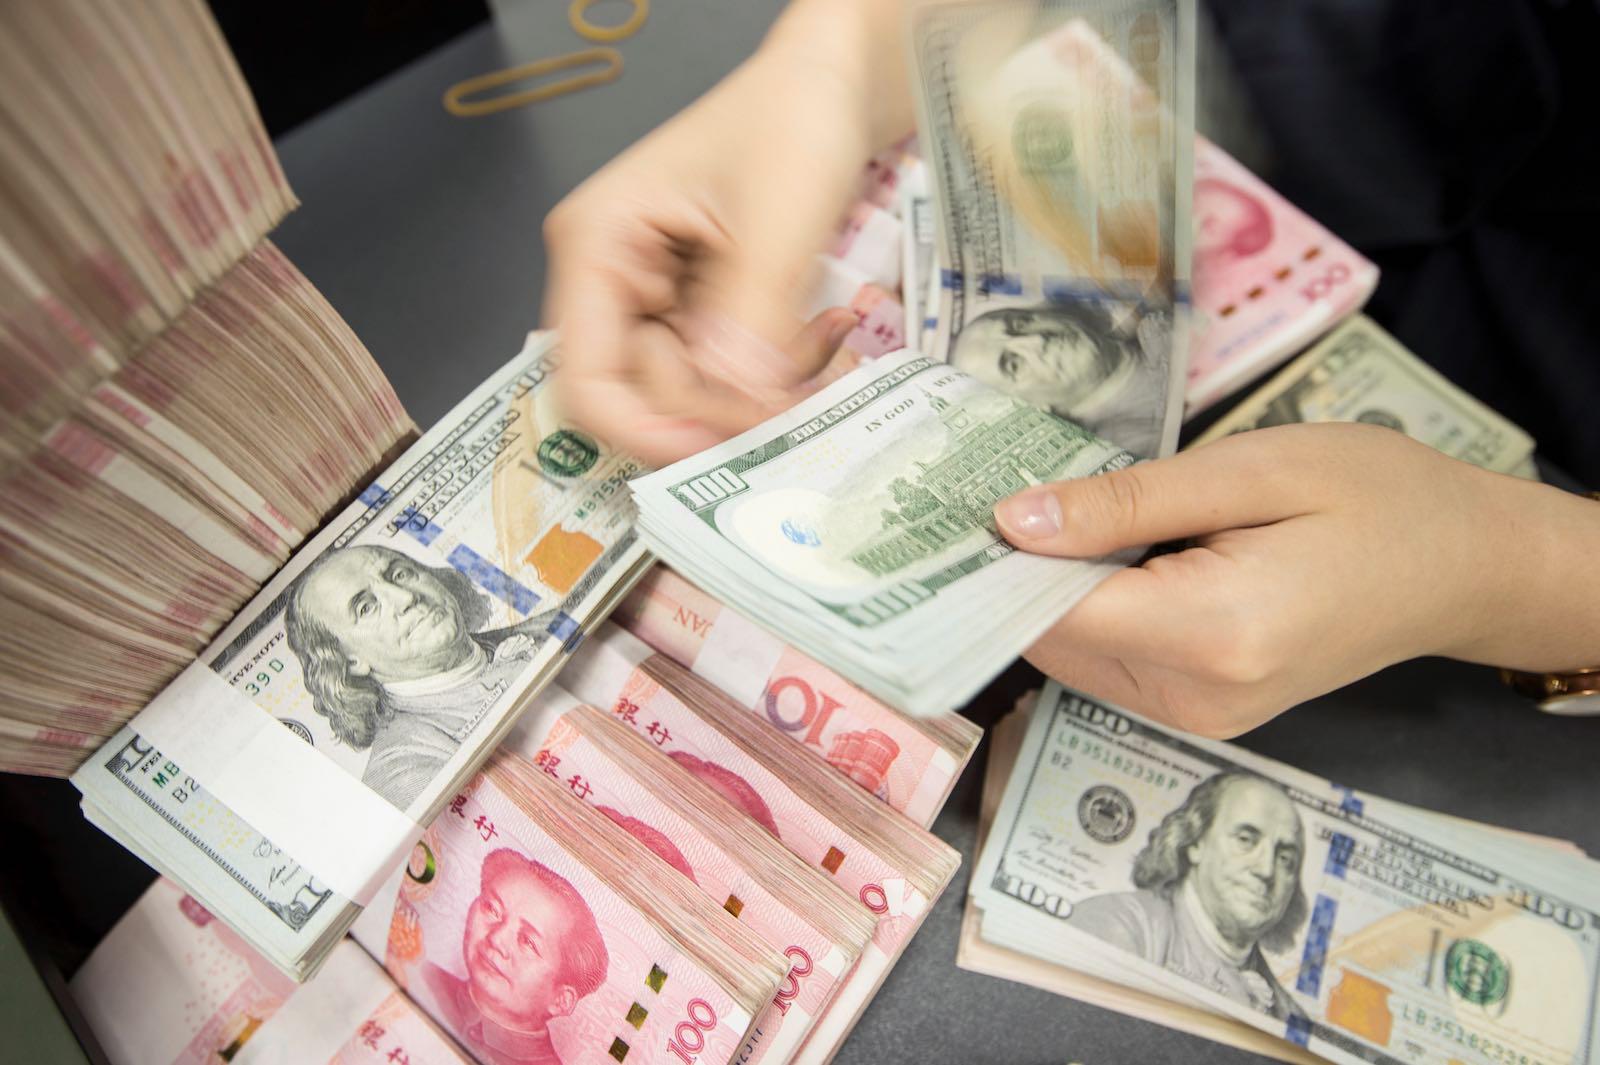 Mỹ đã có sai sót khi đưa ra các tiêu chí xác định Việt Nam thao túng tiền tệ? - Ảnh 1.